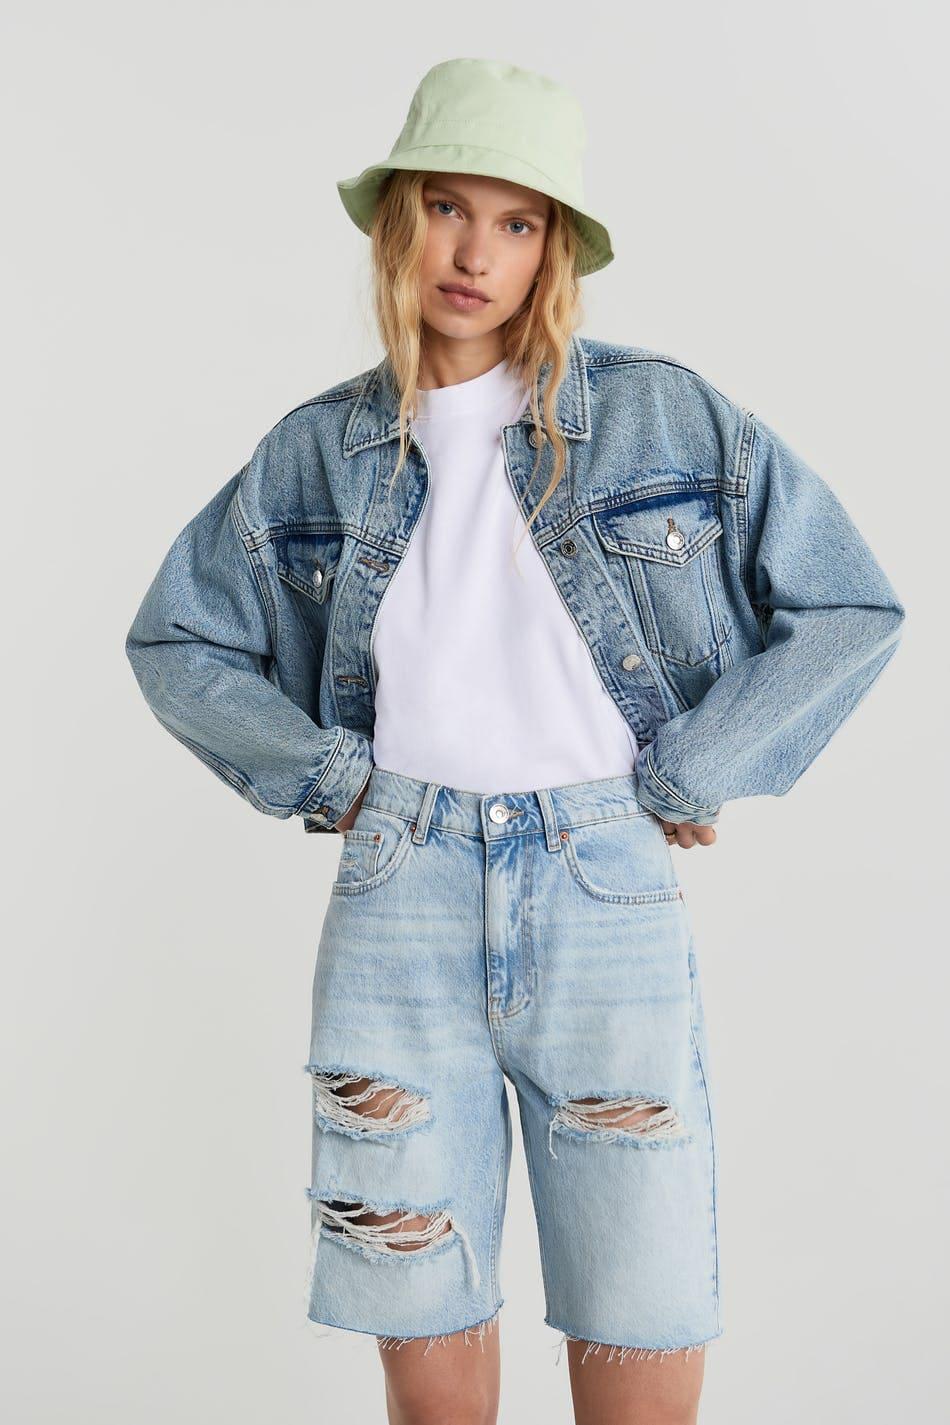 Långa jeansshorts med slitna detaljer för dam 2021